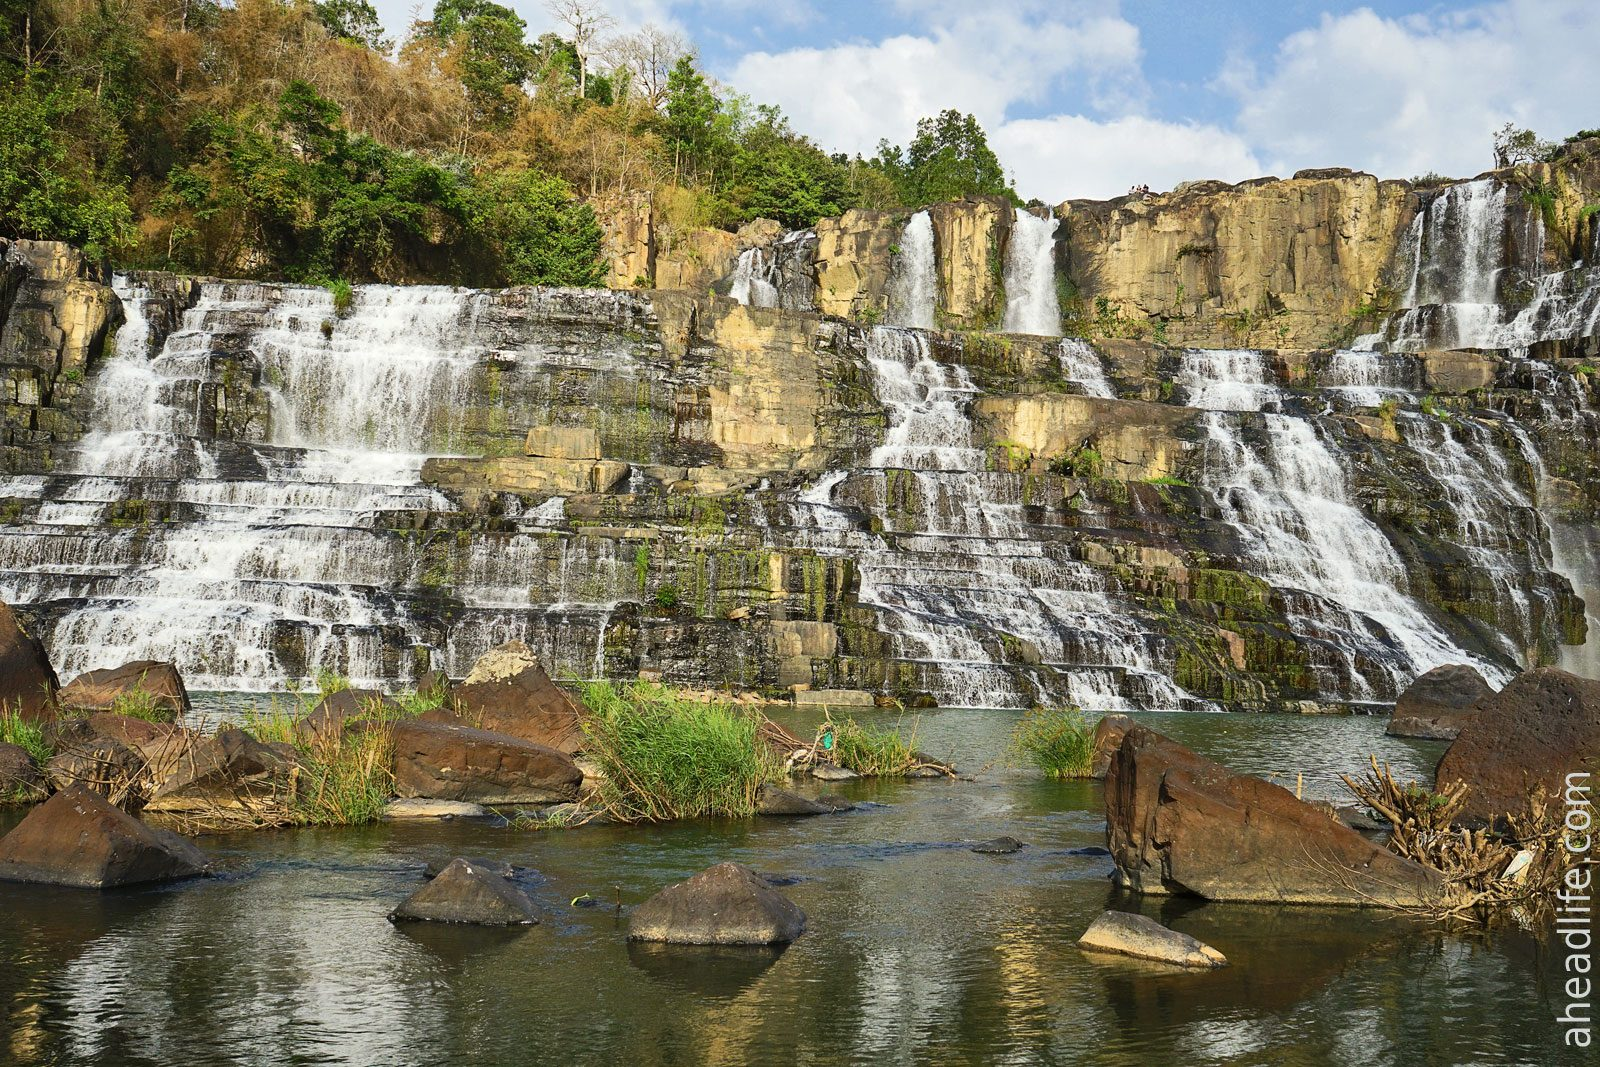 водопад Понгур в Далате